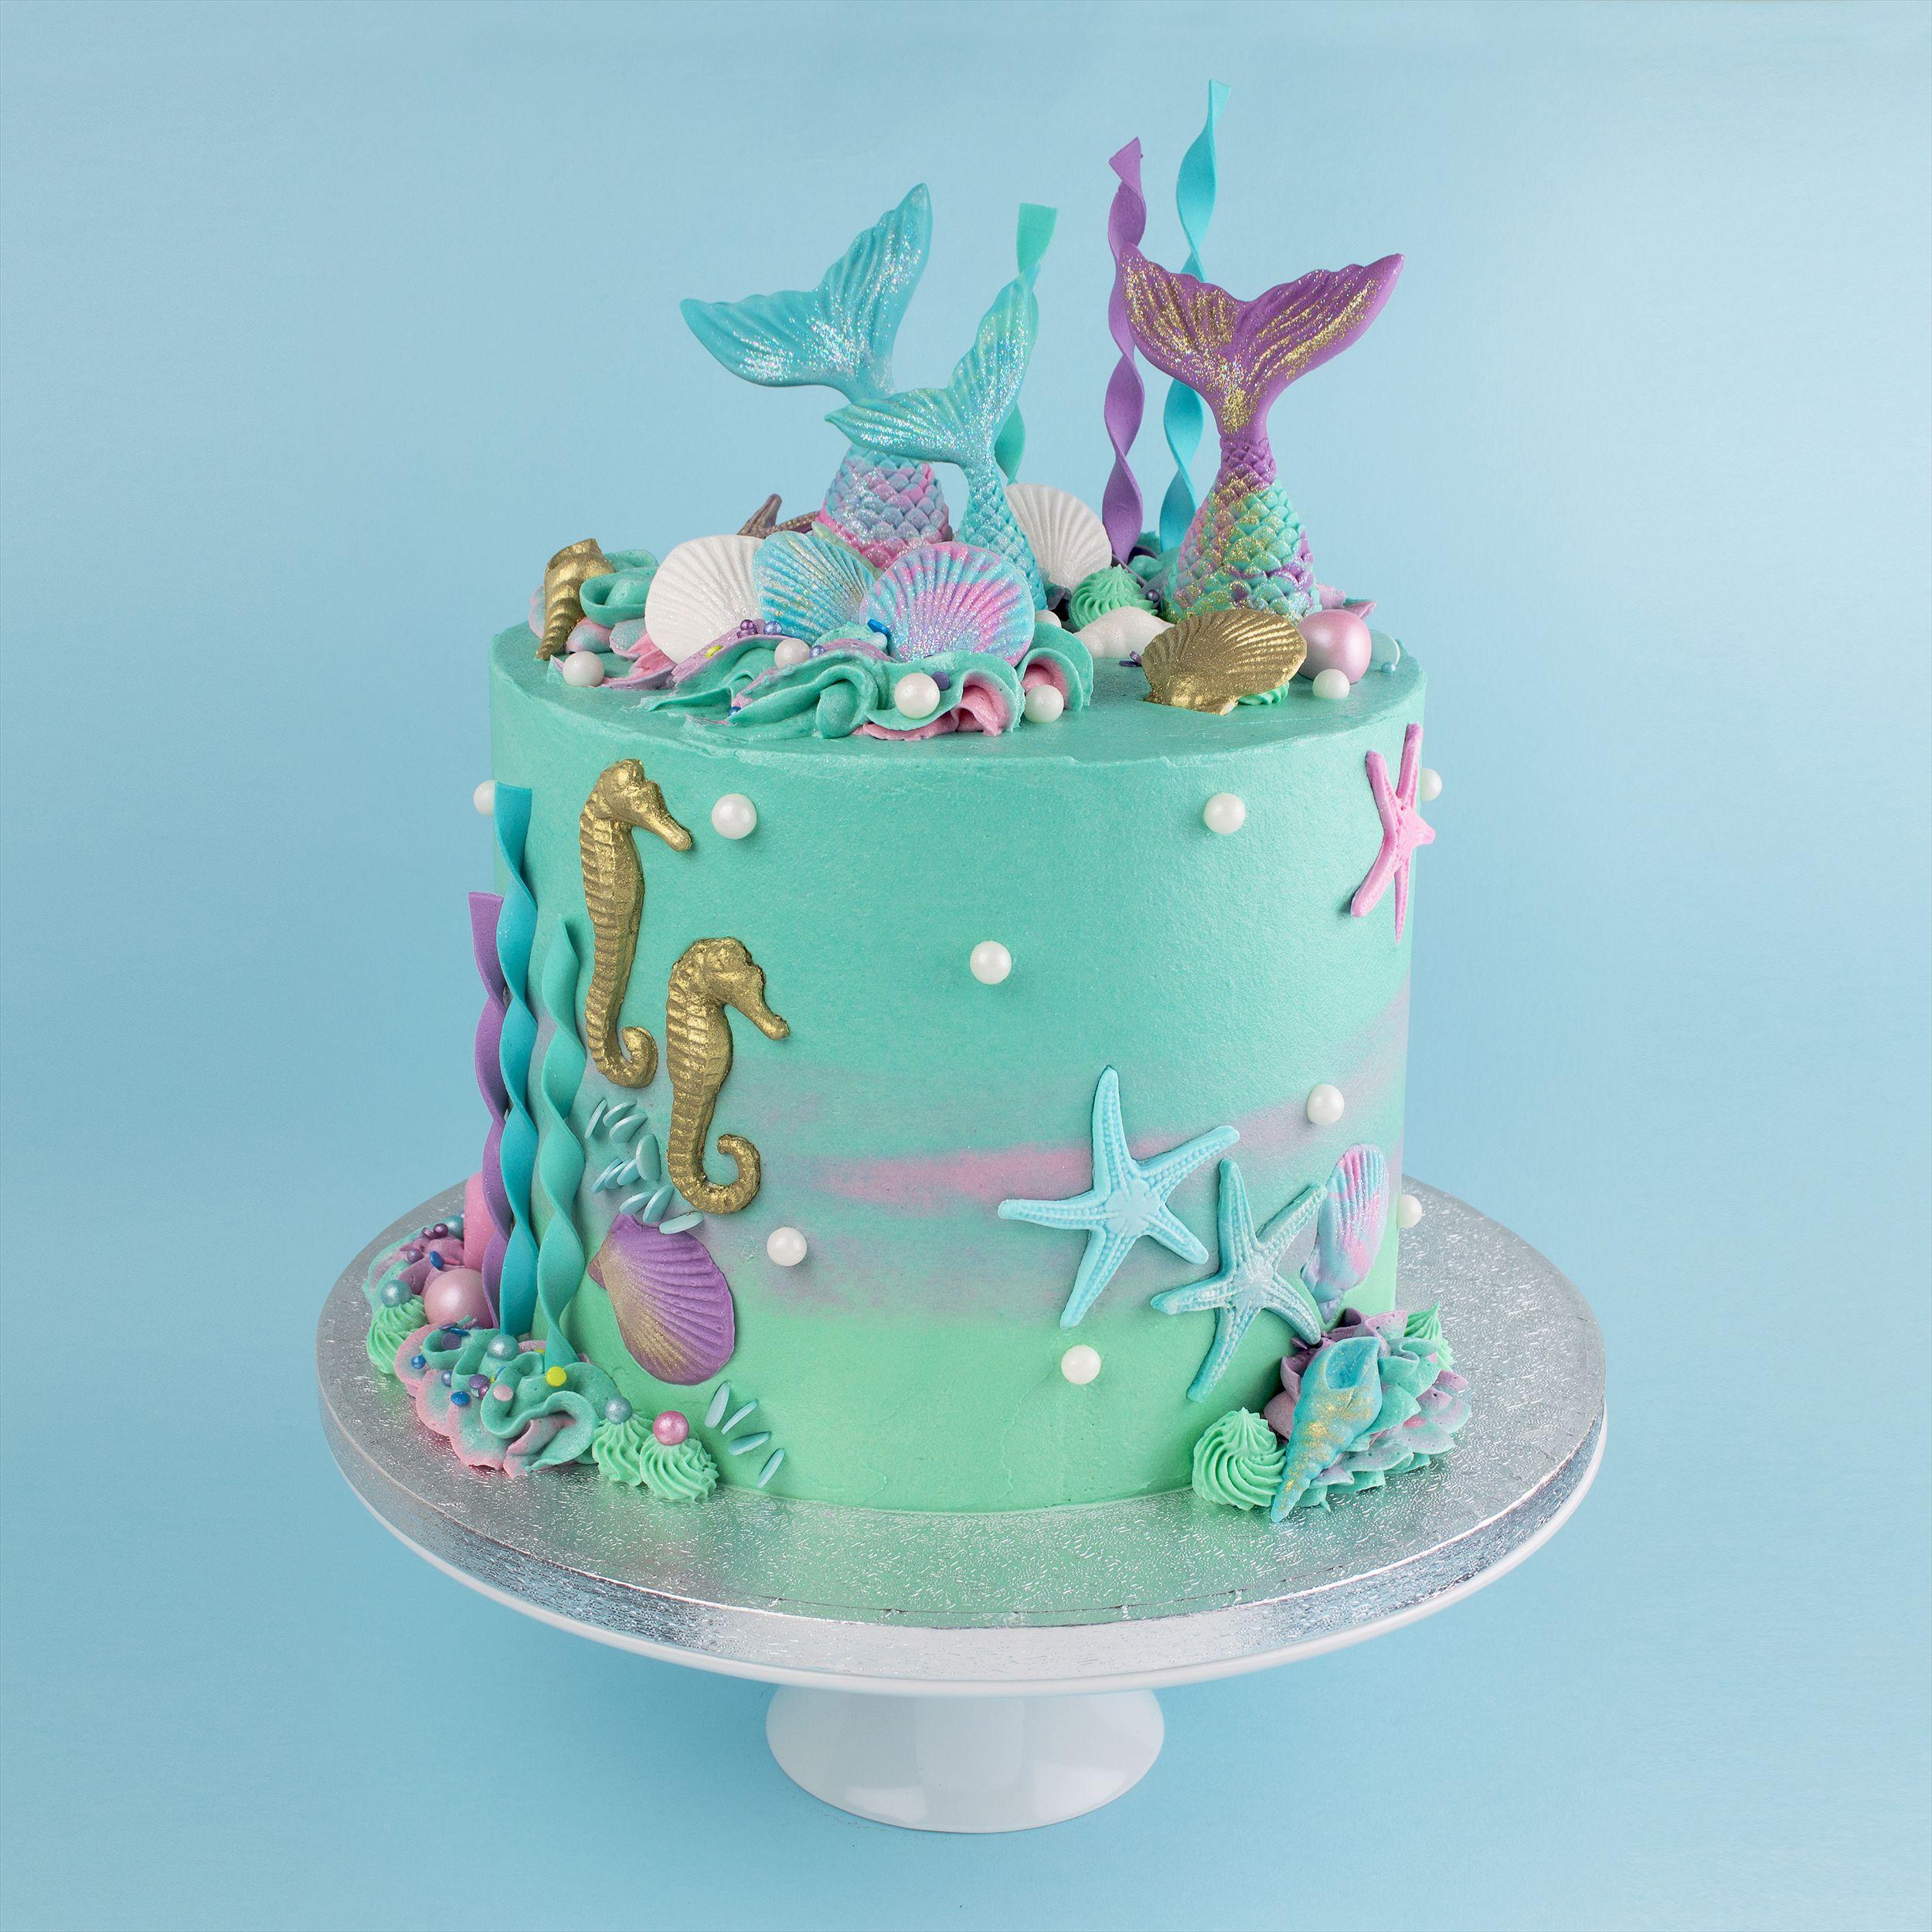 Made By Www Bakedby Me Mermaid Birthday Cakes Mermaid Cakes